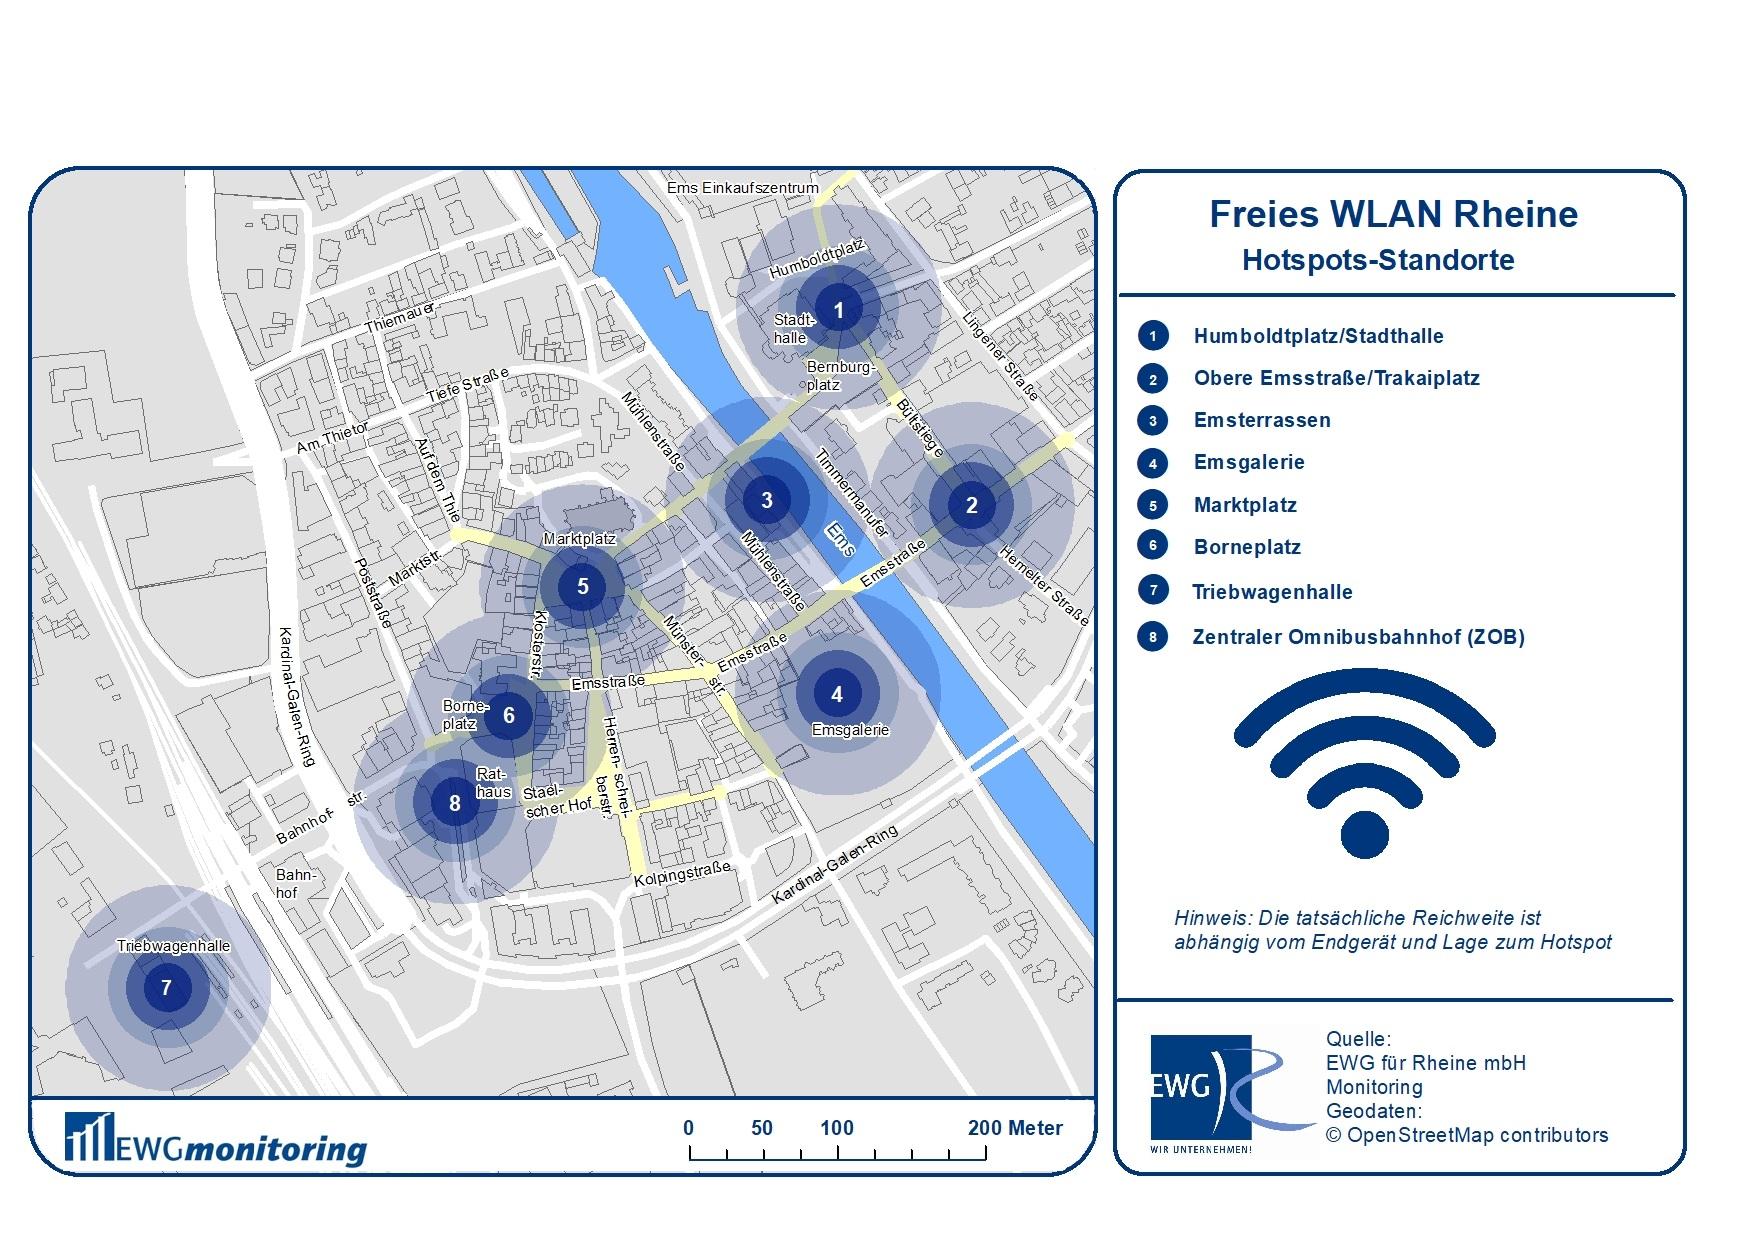 Freies WLAN für alle - dies hat die EWG Rheine möglich gemacht (Foto: EWG Rheine)